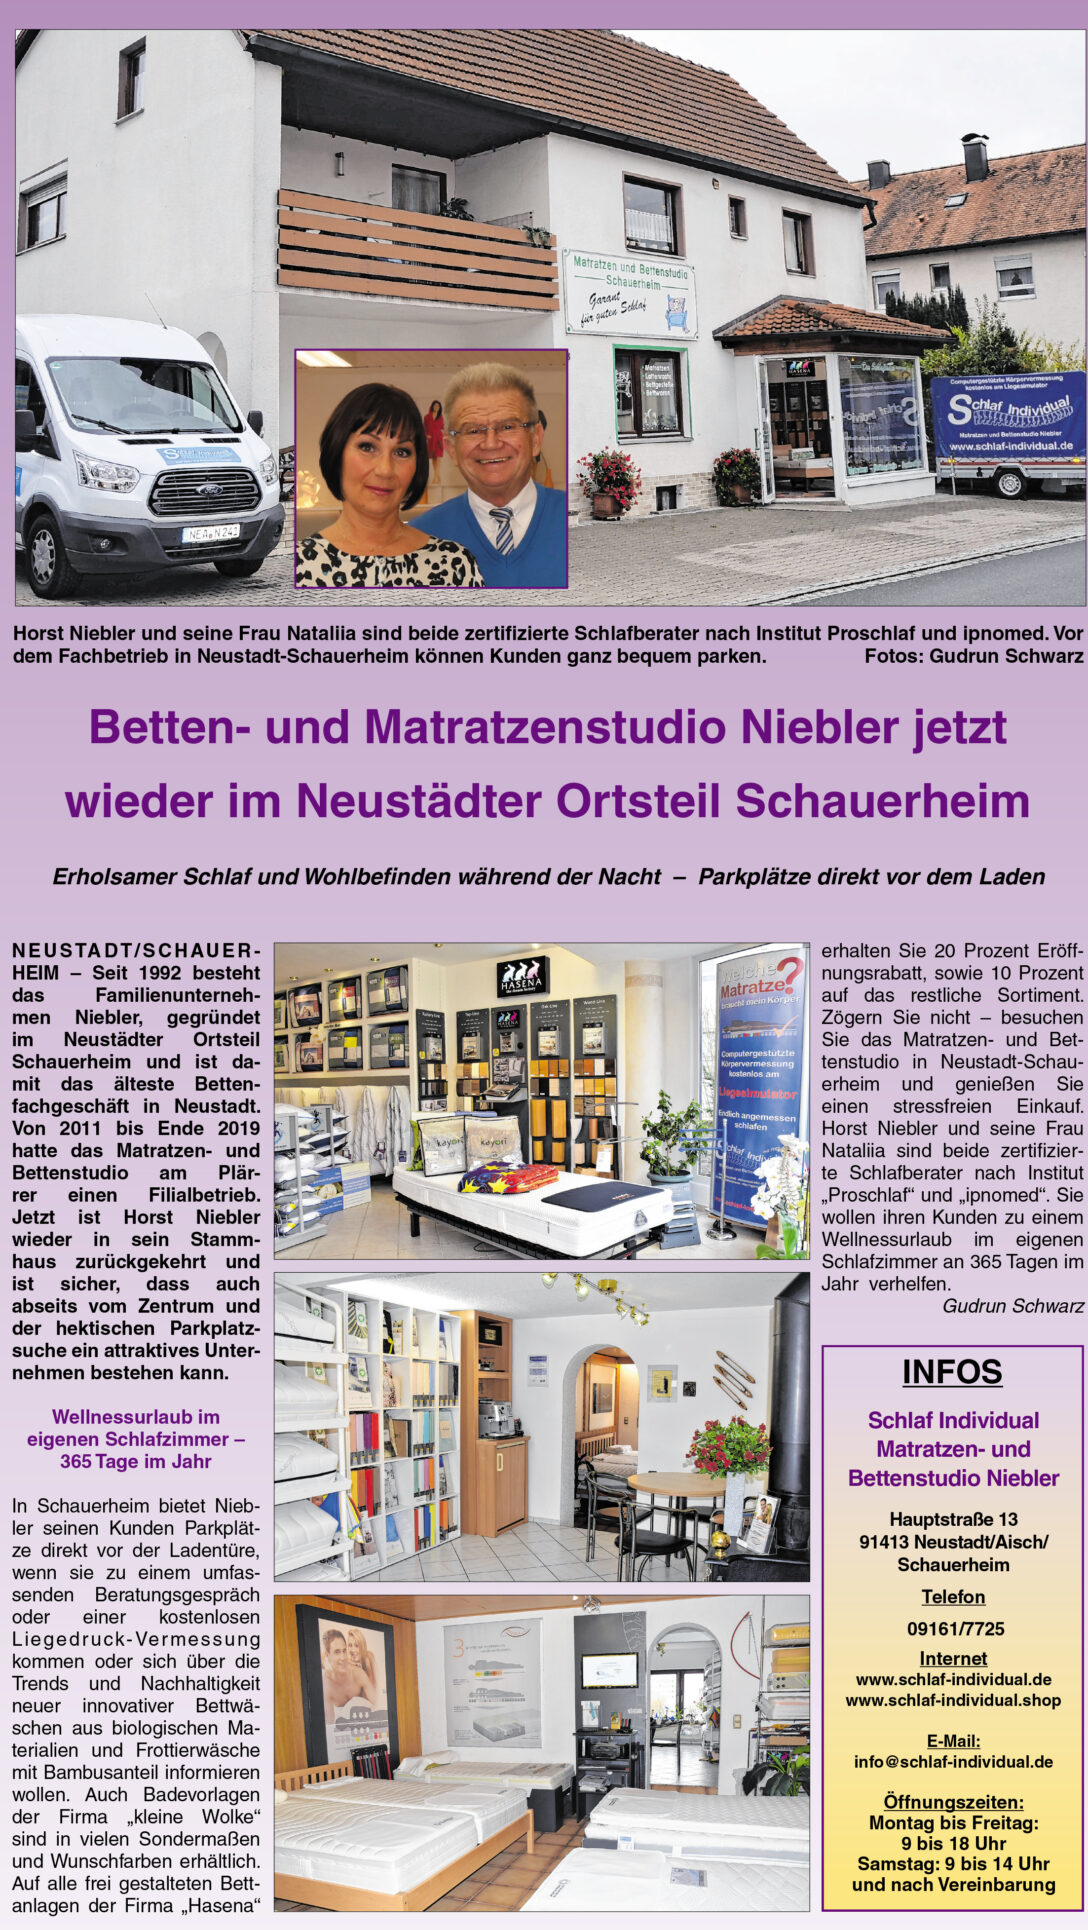 Large Size of Schlaf Individual Matratzen Und Bettenstudio Niebler Startseite Betten München Sofa Wohnzimmer Schlafstudio München